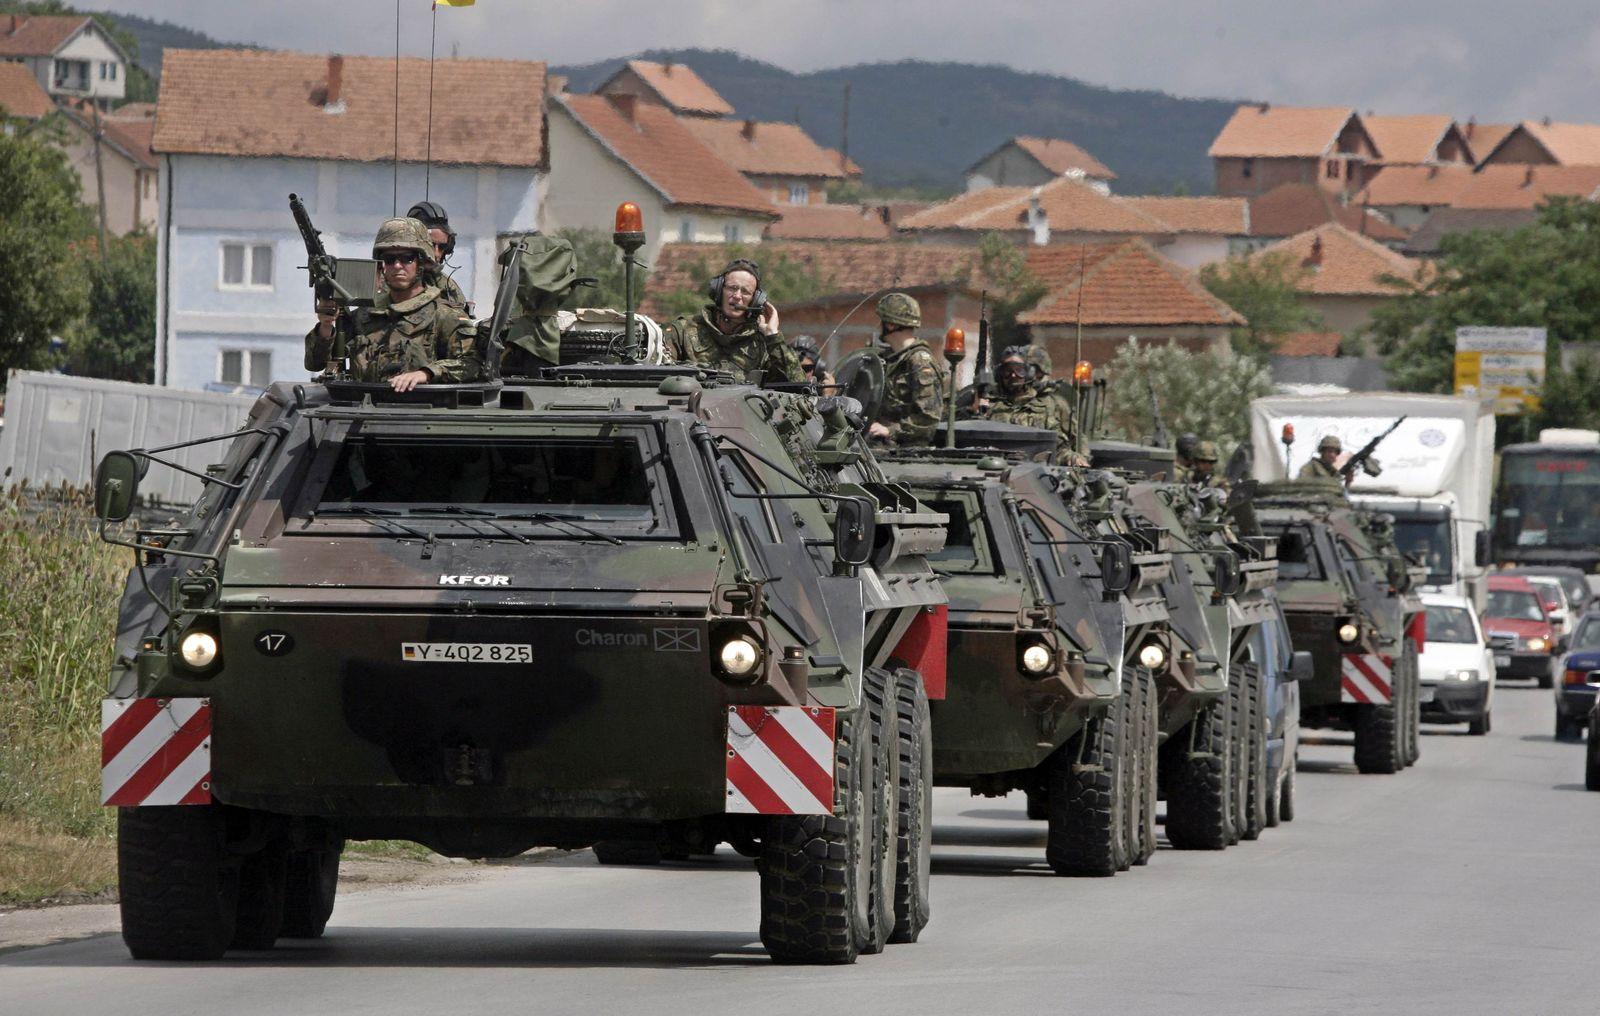 Kosovo Kfor